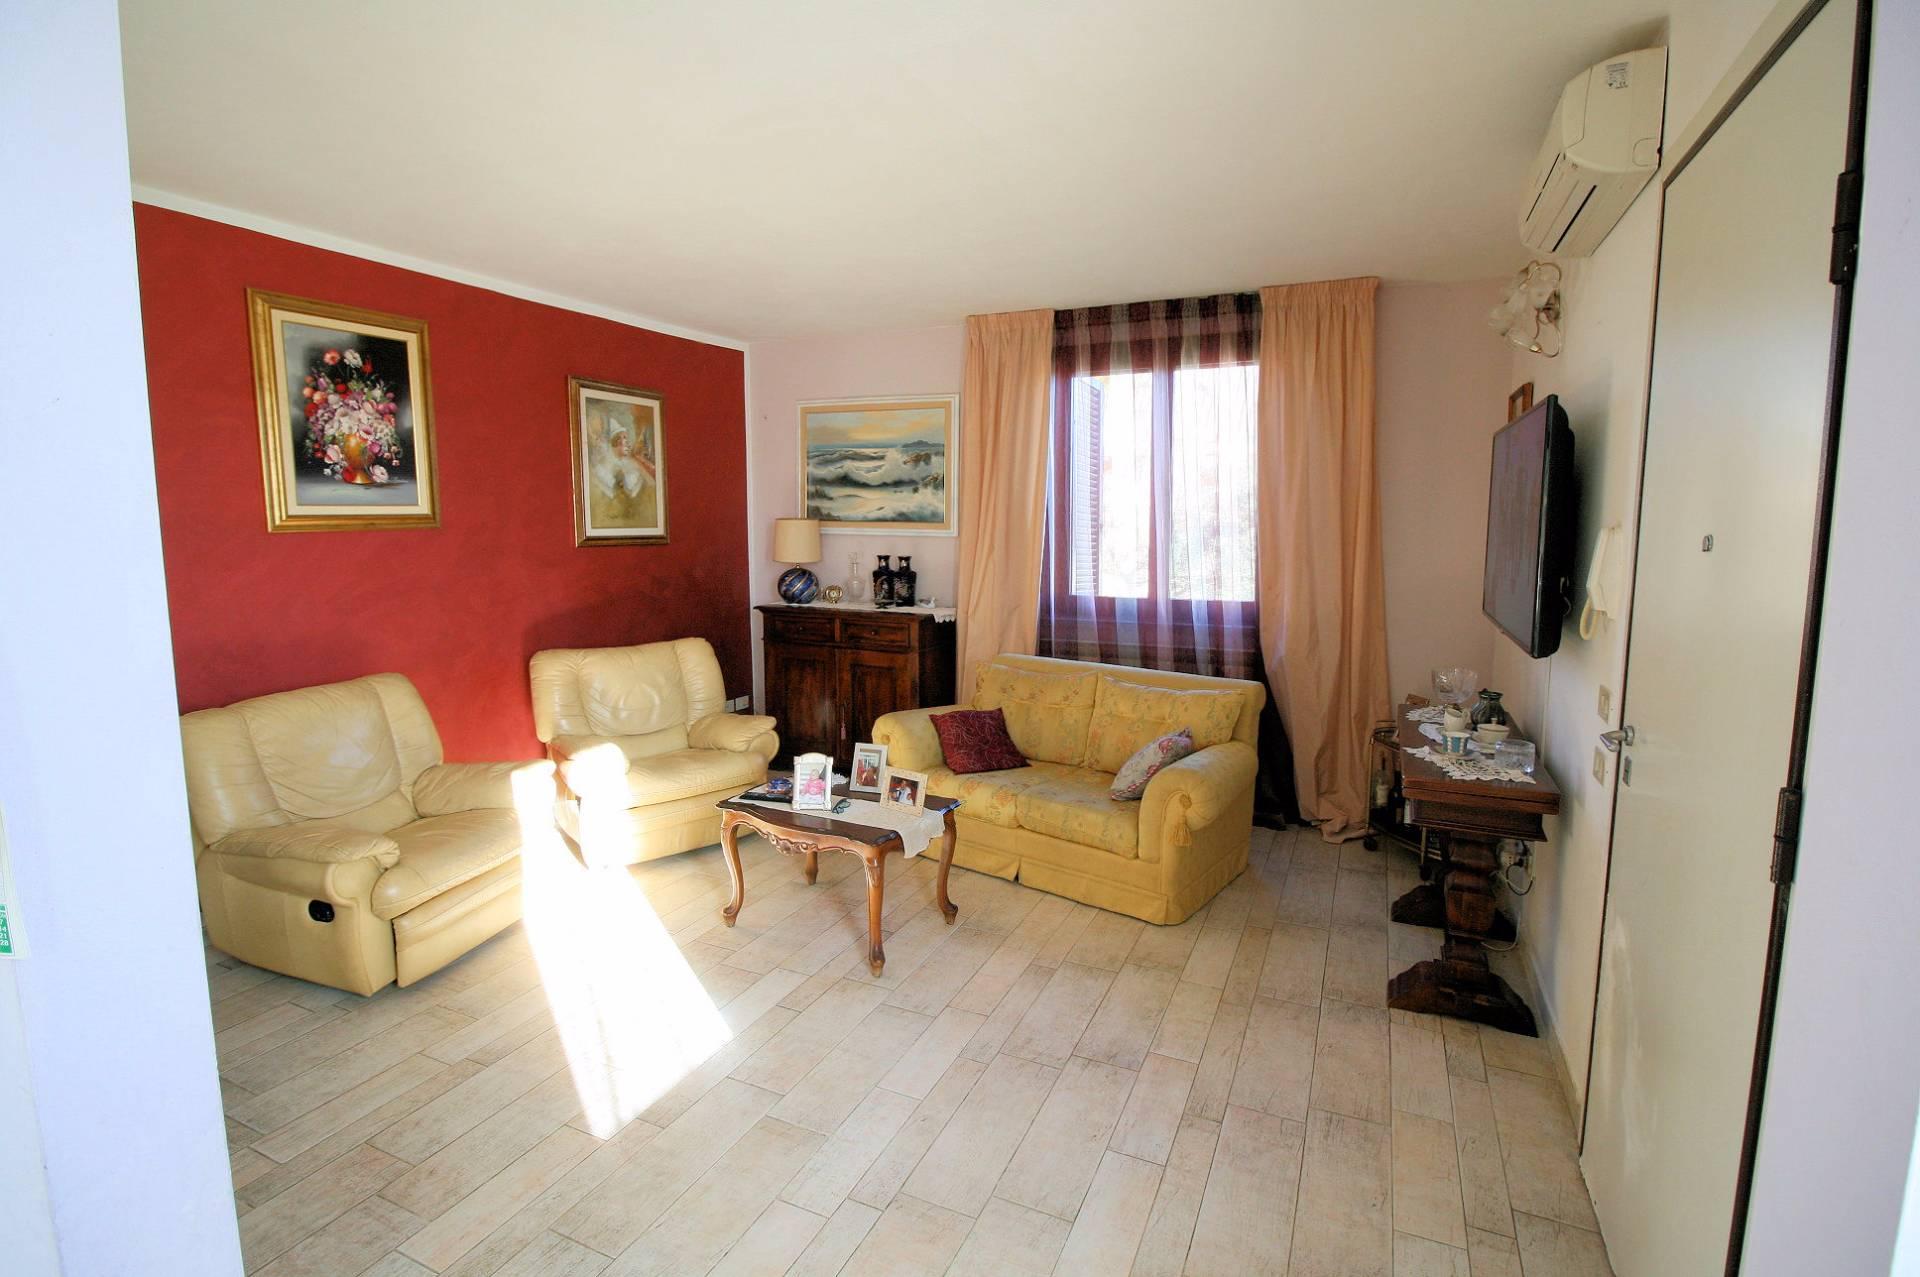 Appartamento in vendita a San Vincenzo, 5 locali, prezzo € 275.000 | CambioCasa.it